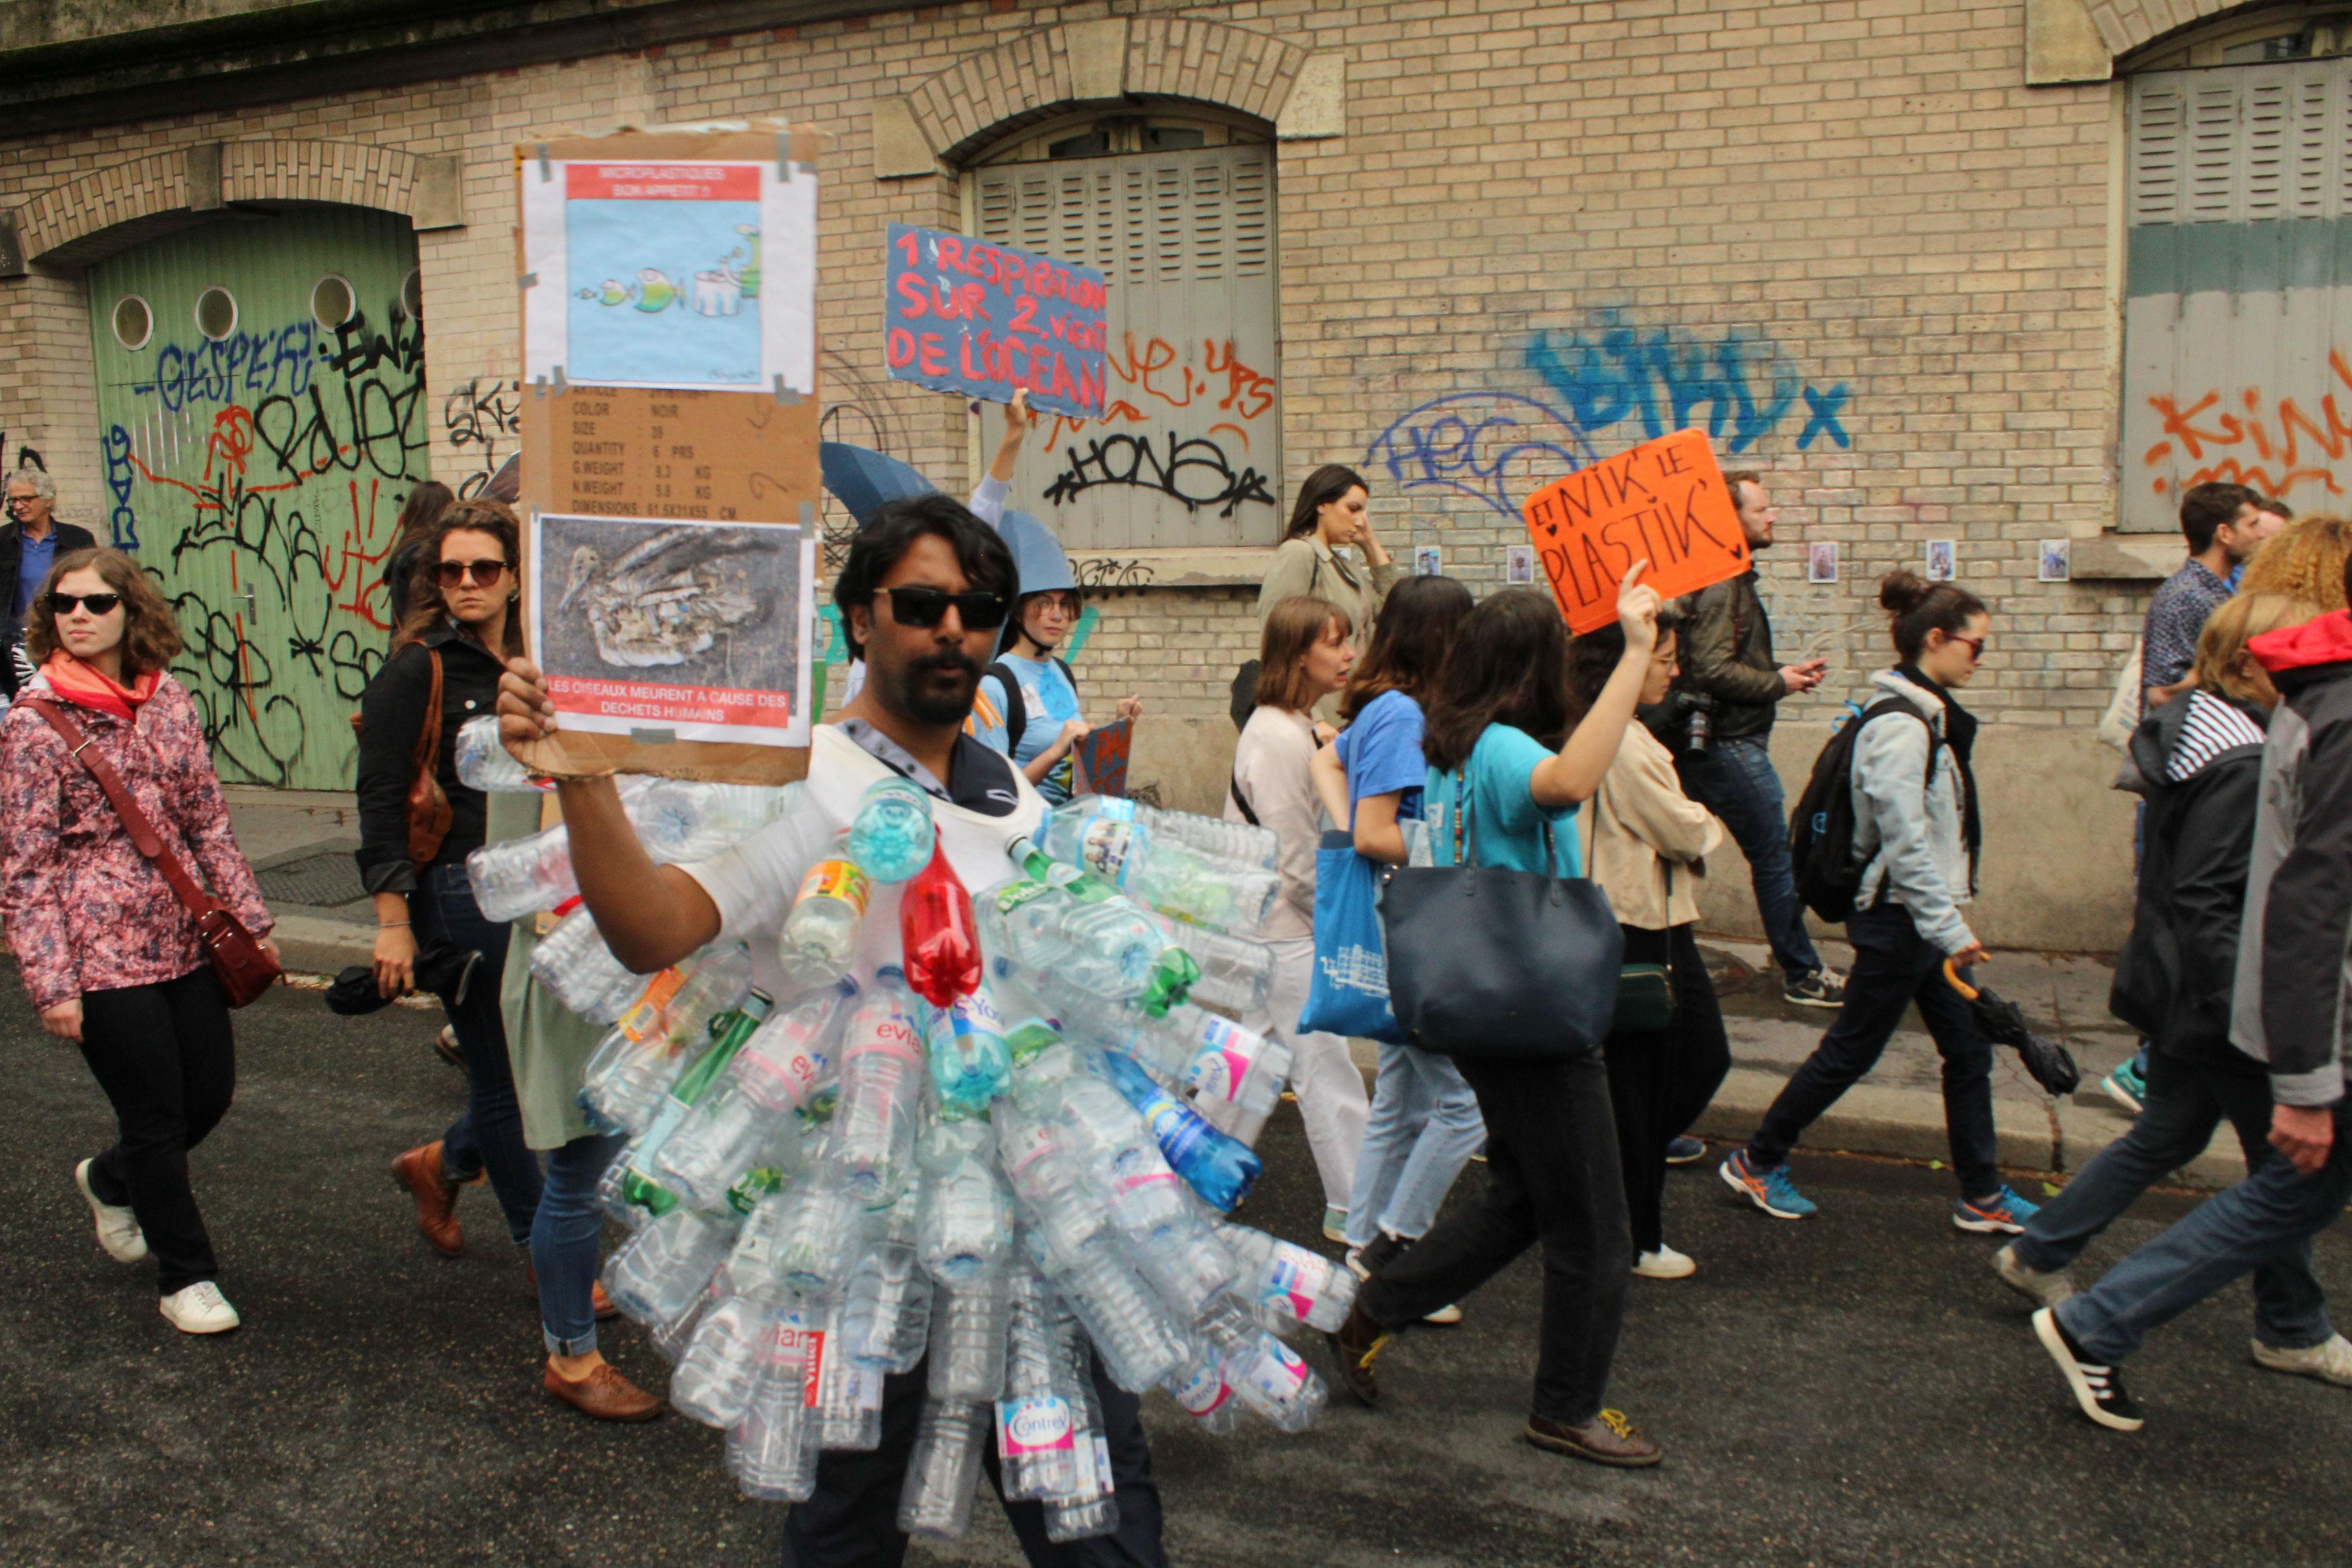 L'un des fers de lance de la Marche pour l'Océan : la lutte contre le plastique / ©Cypriane El-Chami